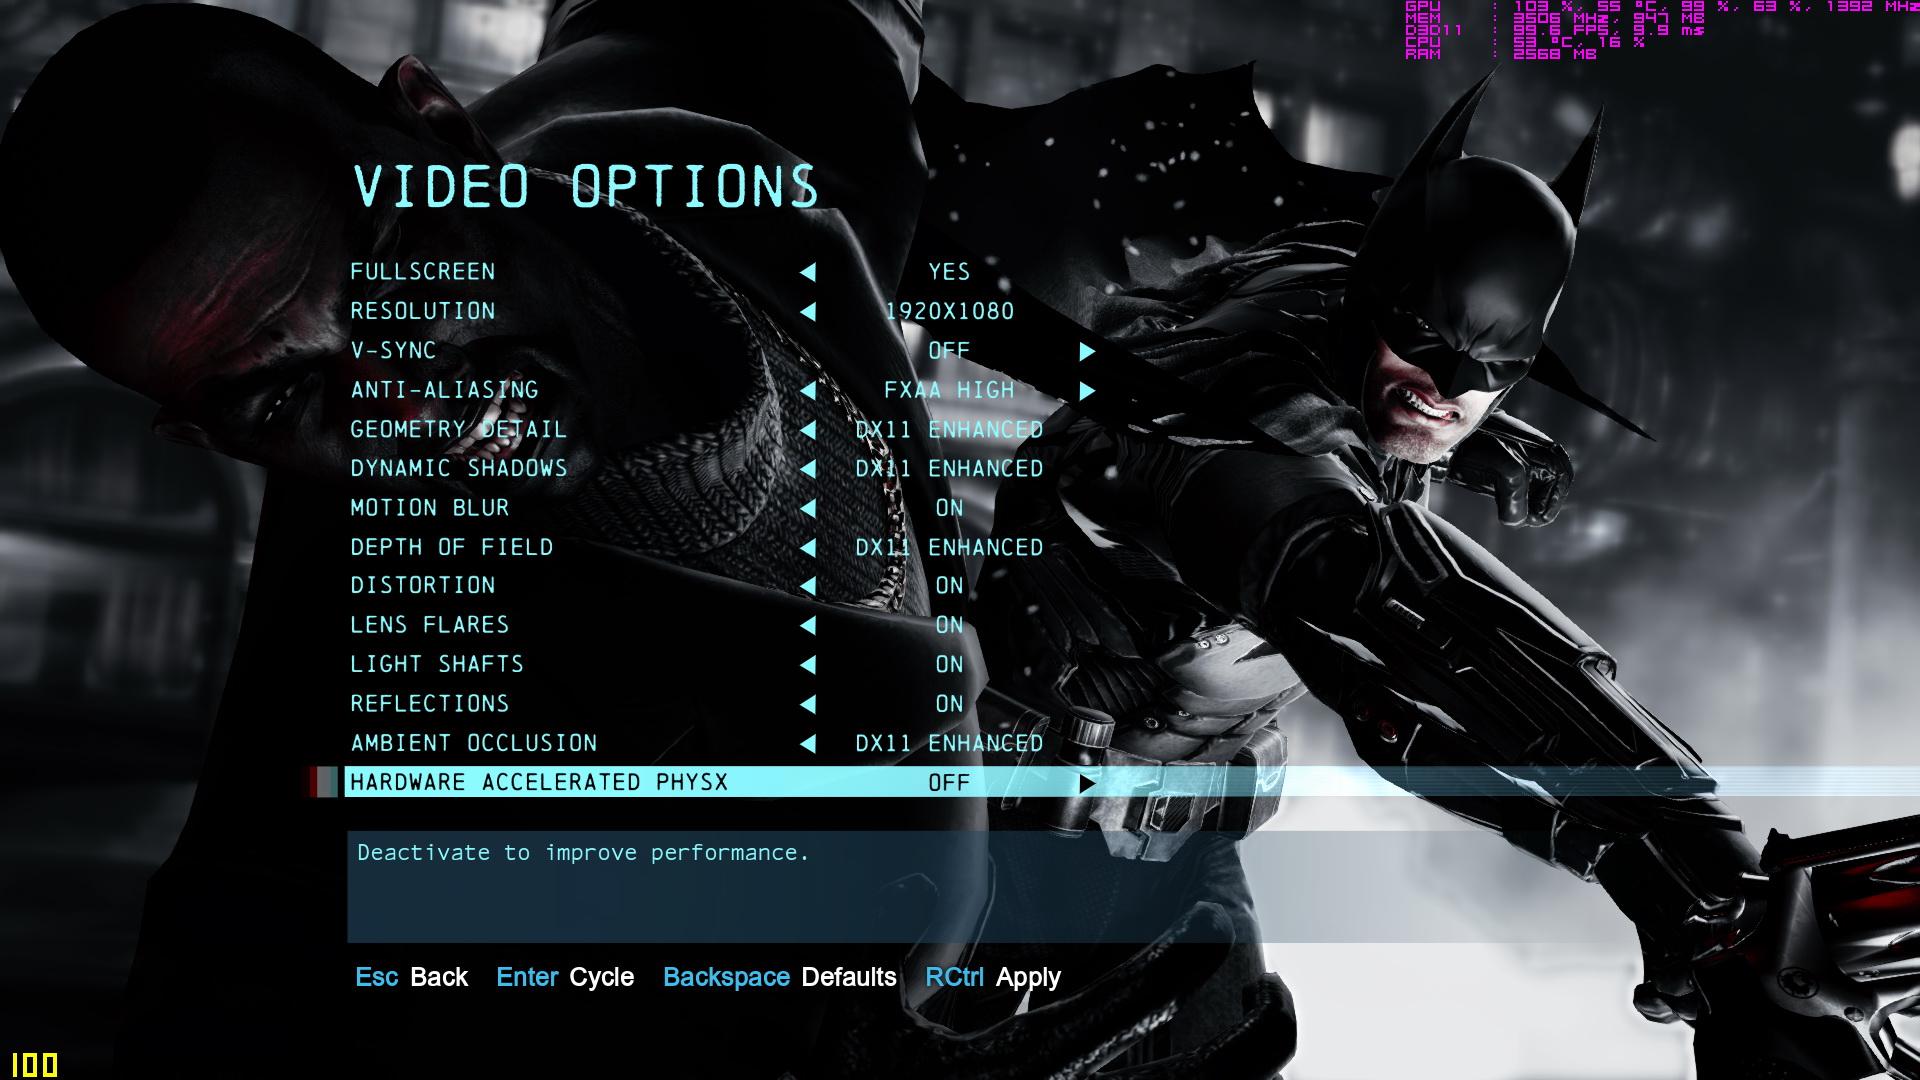 BatmanOrigins 2016-03-13 10-14-14-31-settings-PhysX-OFF